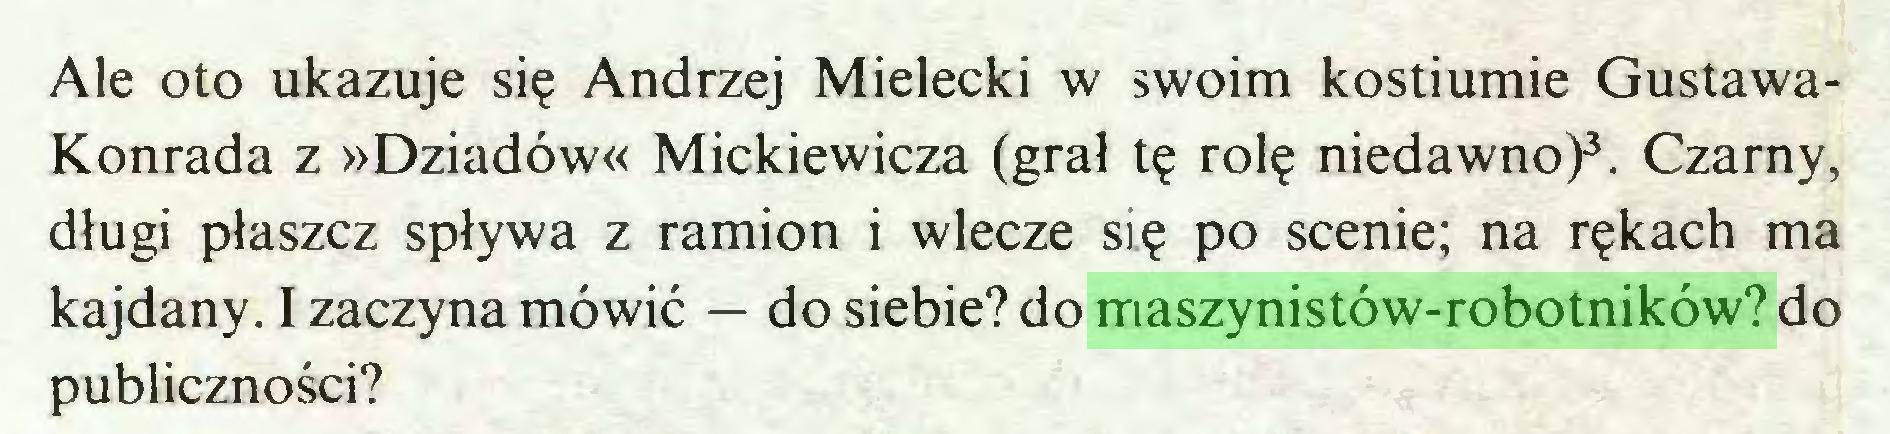 (...) Ale oto ukazuje się Andrzej Mielecki w swoim kostiumie GustawaKonrada z »Dziadów« Mickiewicza (grał tę rolę niedawno)3. Czarny, długi płaszcz spływa z ramion i wlecze się po scenie; na rękach ma kajdany. I zaczyna mówić — do siebie? do maszynistów-robotników? do publiczności?...